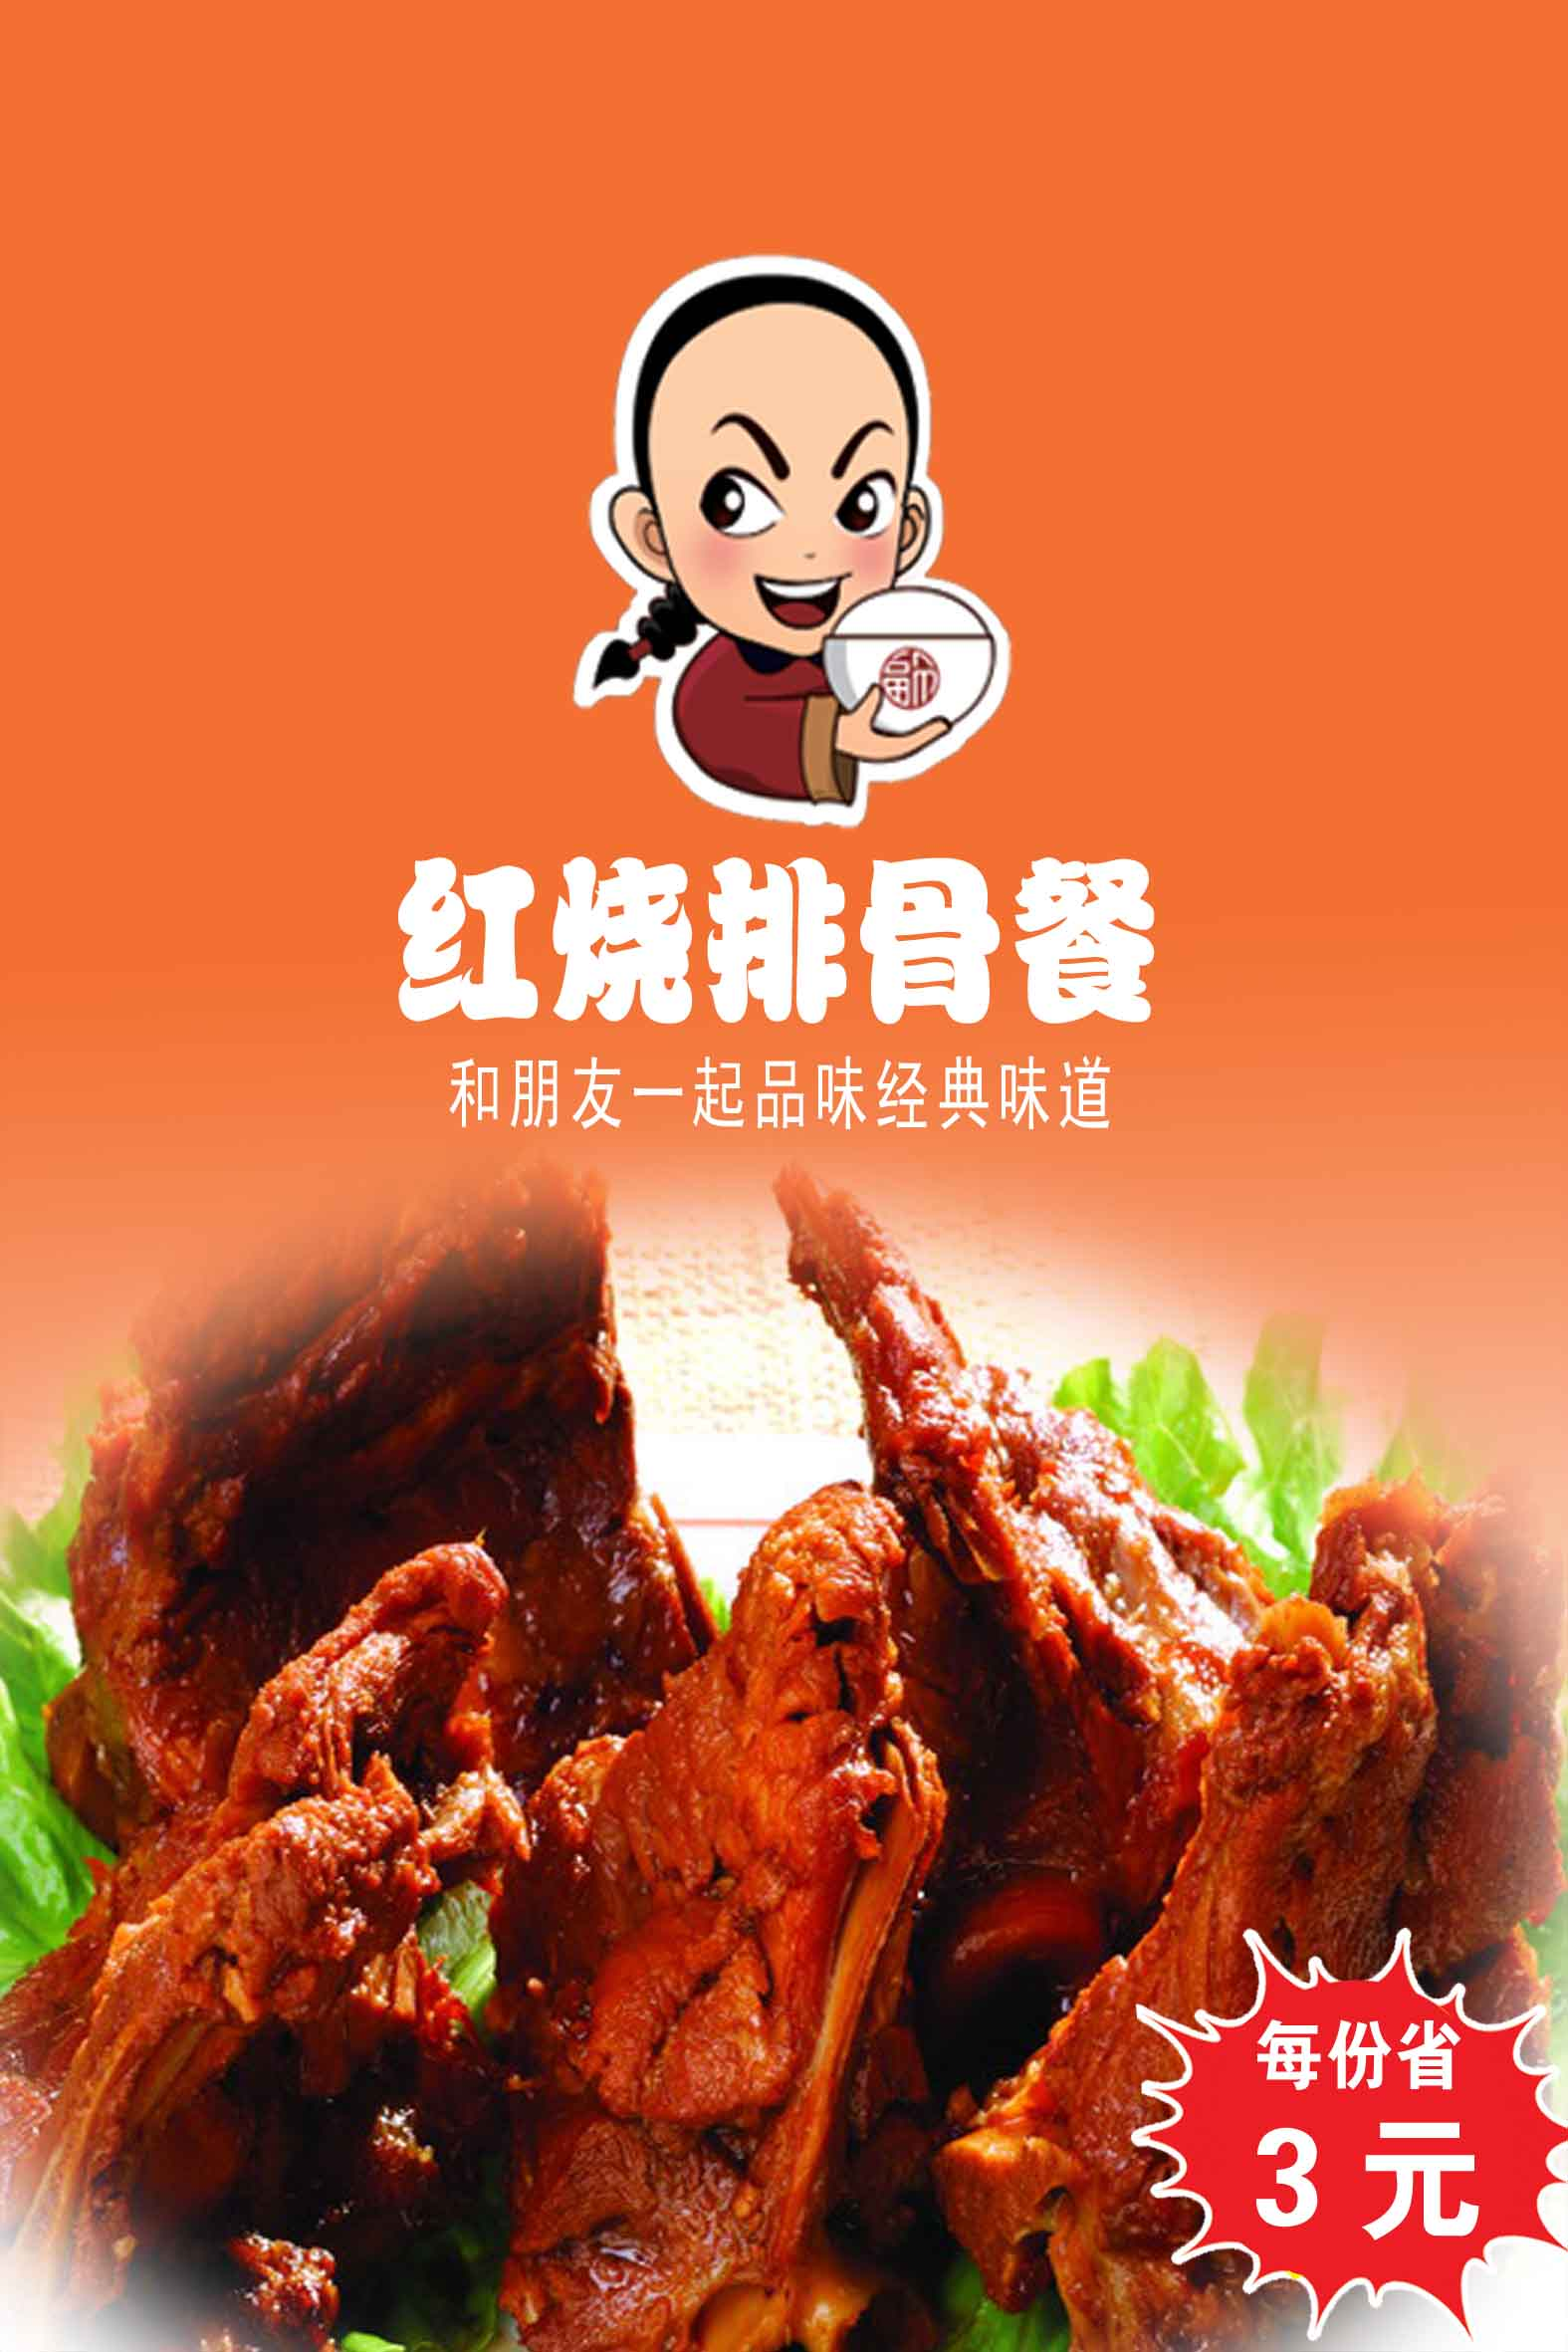 黄焖鸡米饭加盟首选魏小宝